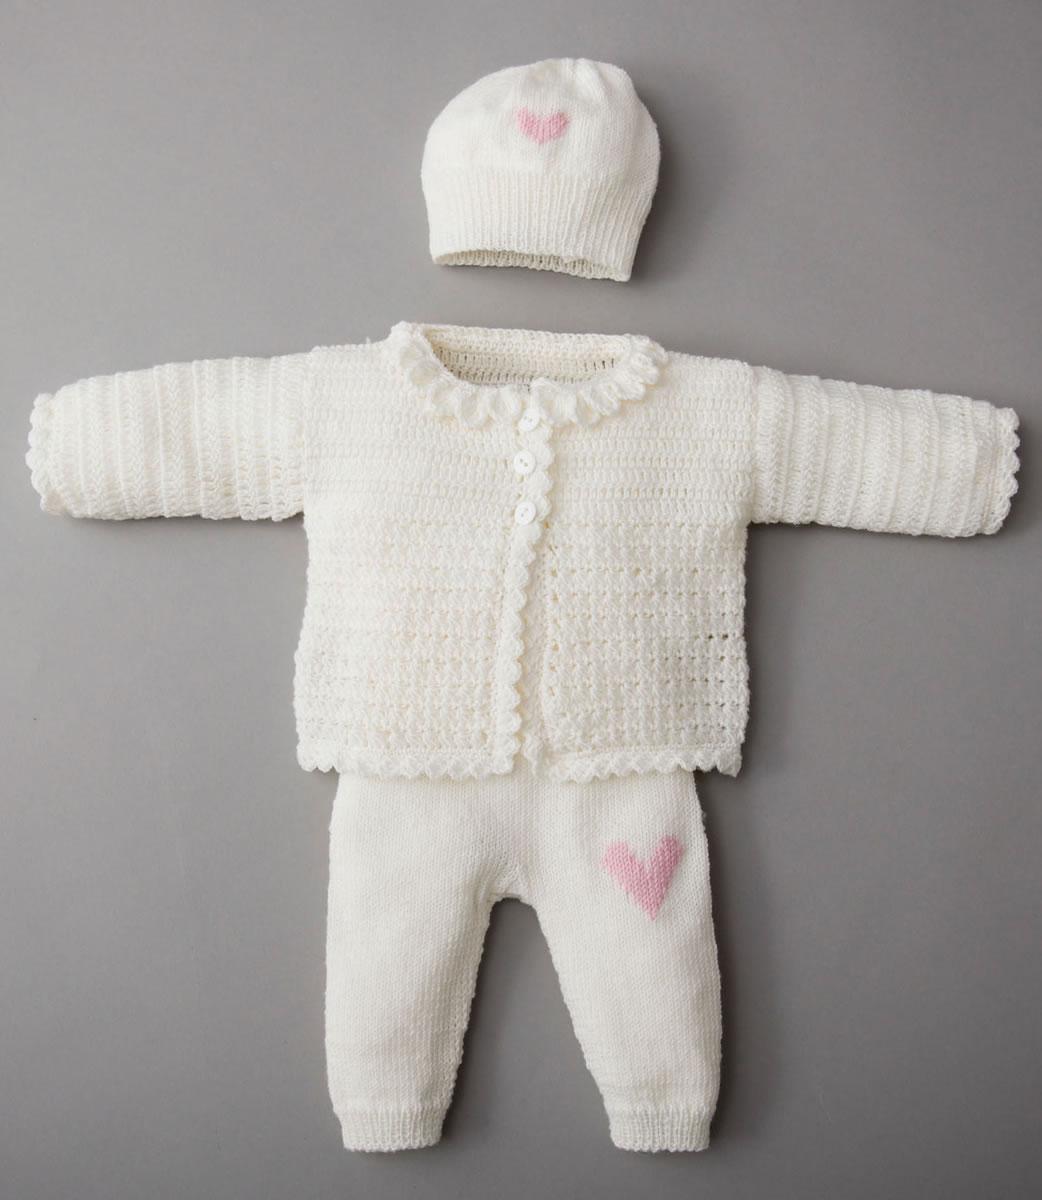 lana grossa vestje broekje muts en schoentjes cool wool baby filati infanti no 10 model. Black Bedroom Furniture Sets. Home Design Ideas